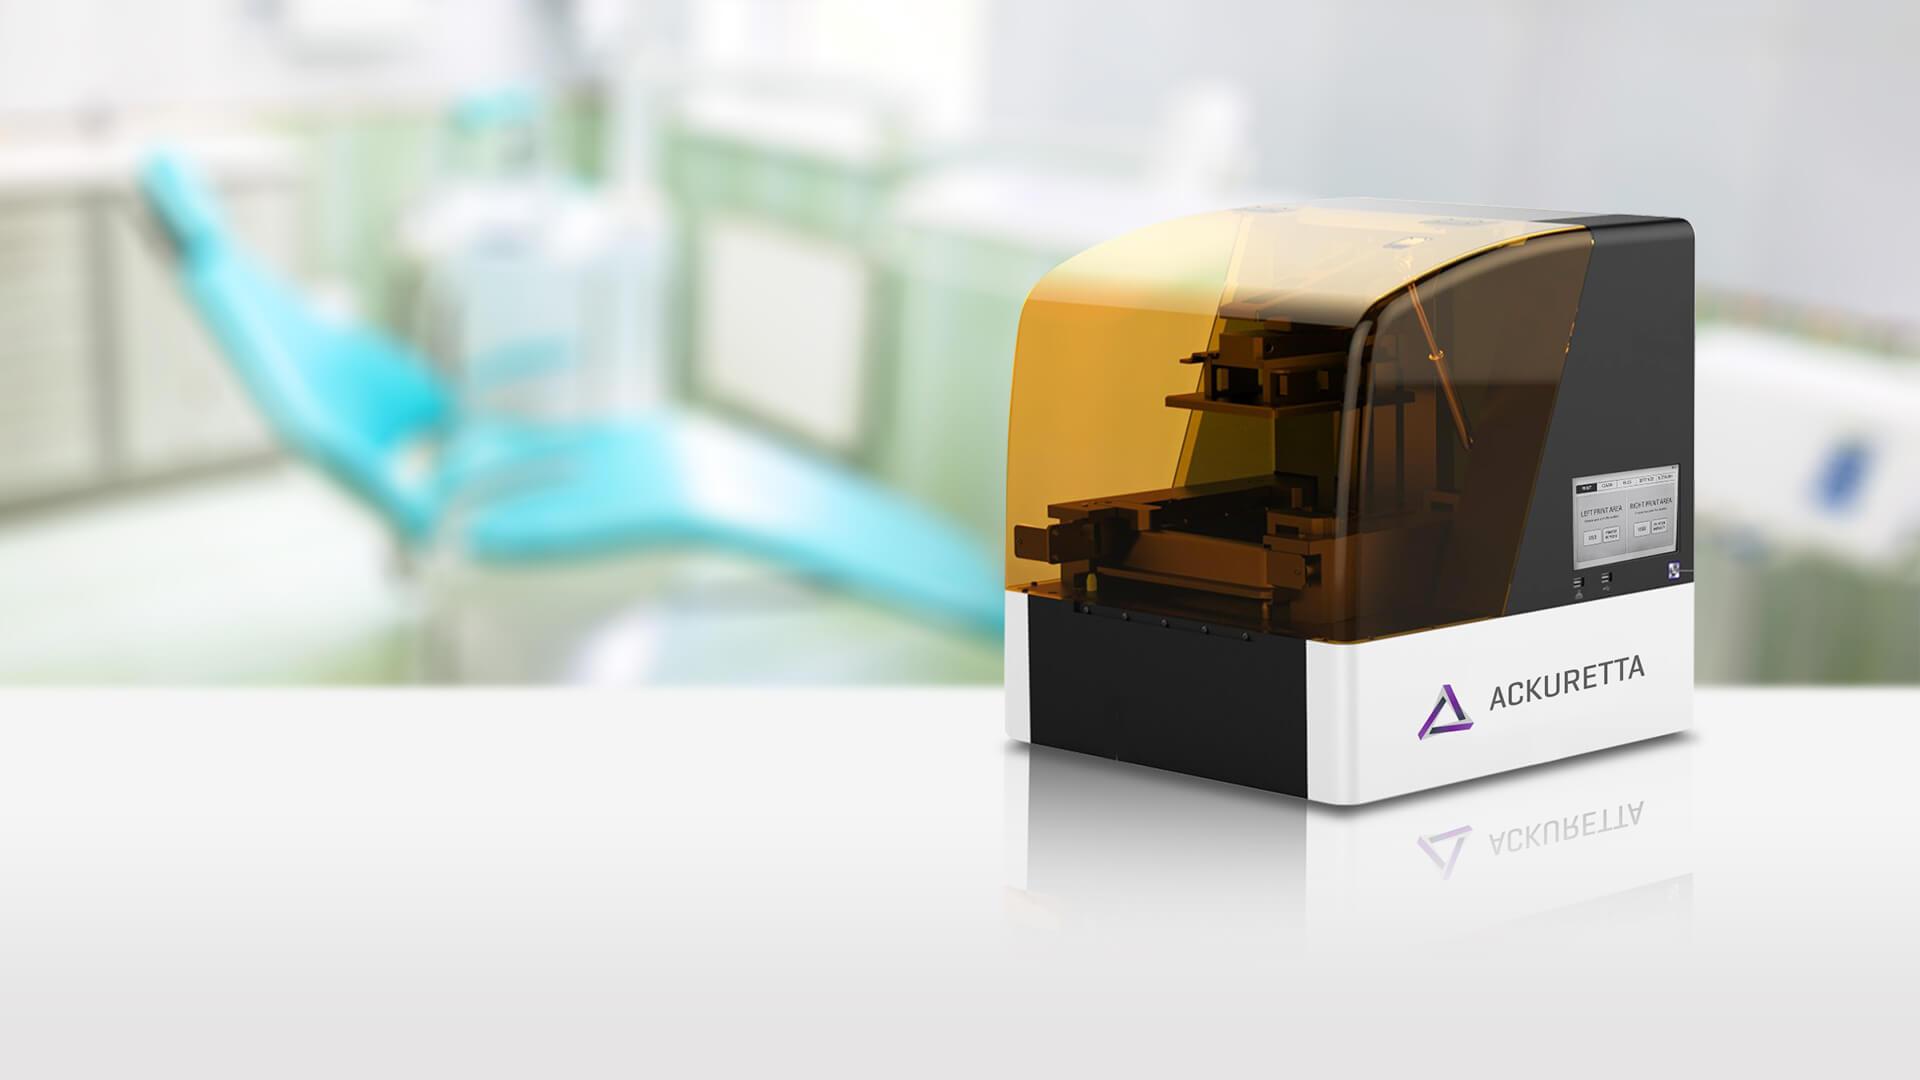 台湾3D打印制造商Ackuretta即将推出新型桌面3D打印机Diplo 3D